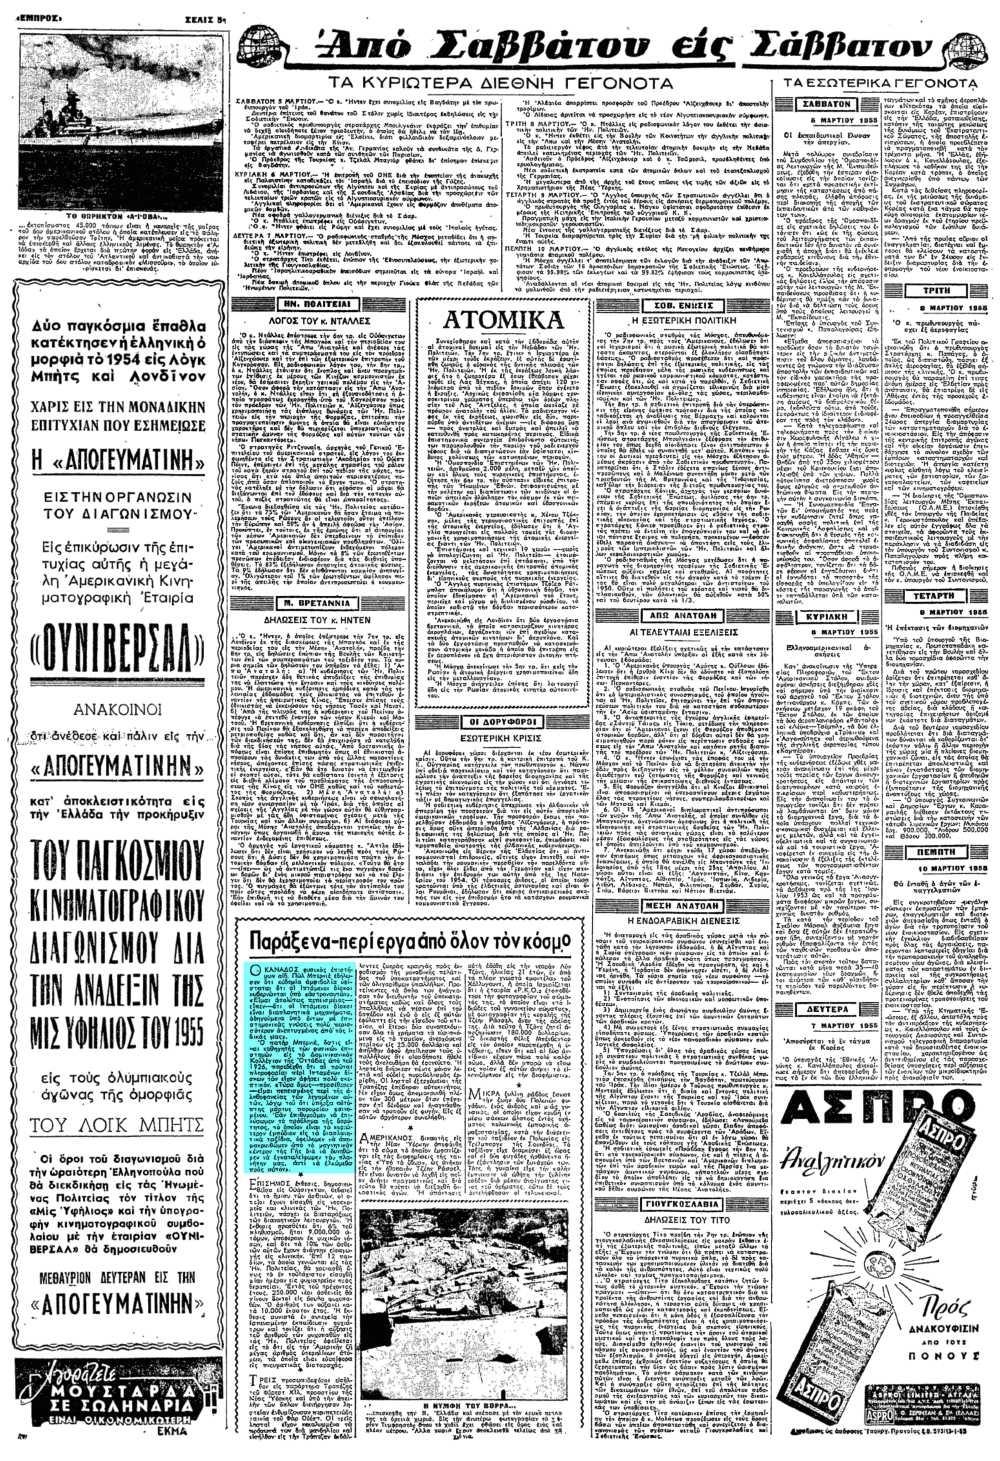 """Το άρθρο, όπως δημοσιεύθηκε στην εφημερίδα """"ΕΜΠΡΟΣ"""", στις 12/03/1955"""